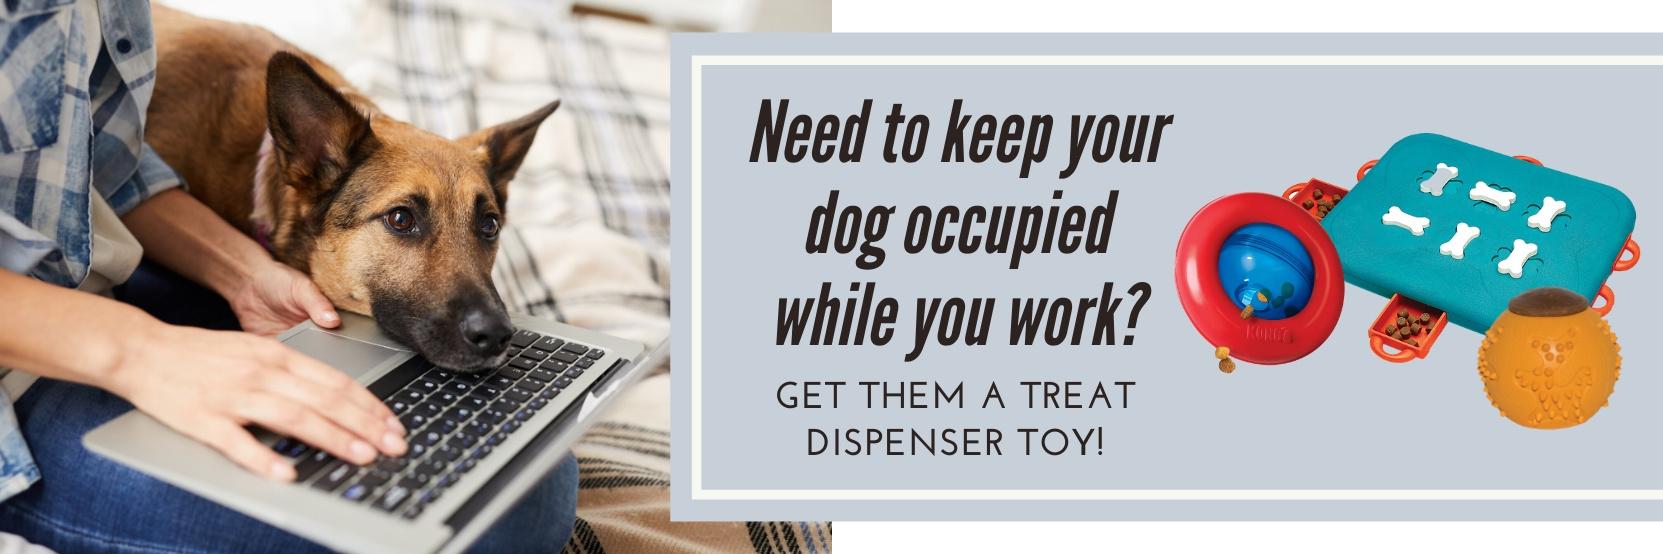 treat dispenser toys